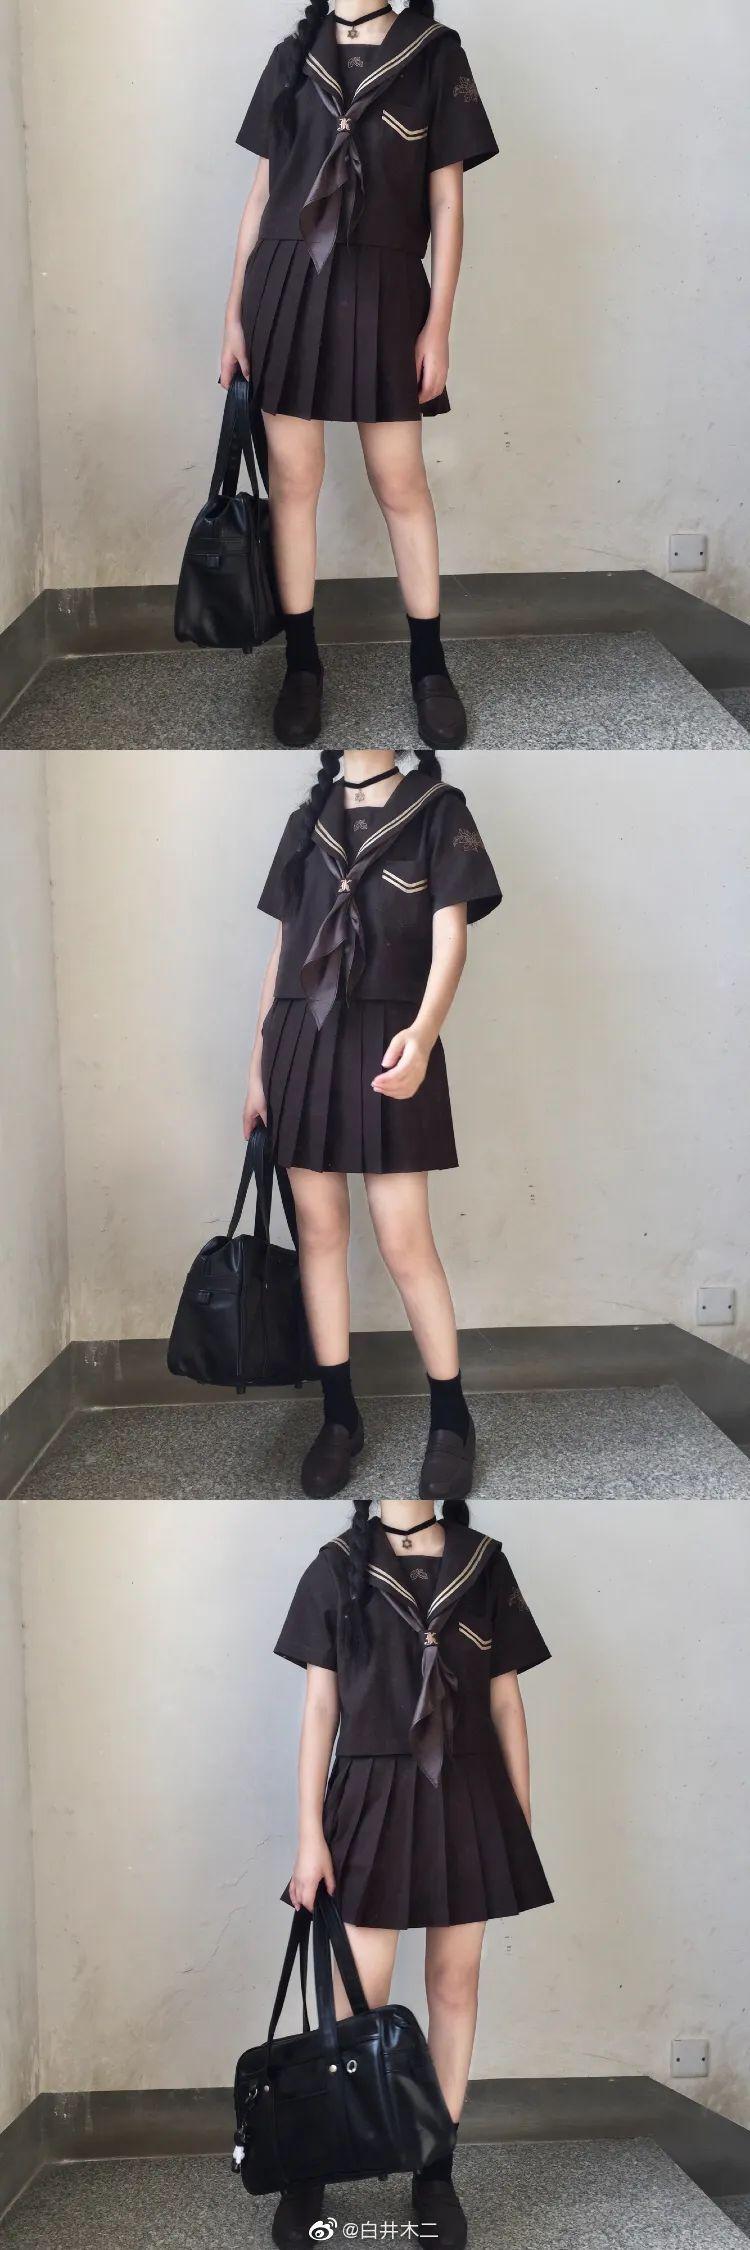 妹子摄影 – 黑色JK制服小裙子的梨涡少女@白井木二_图片 No.2